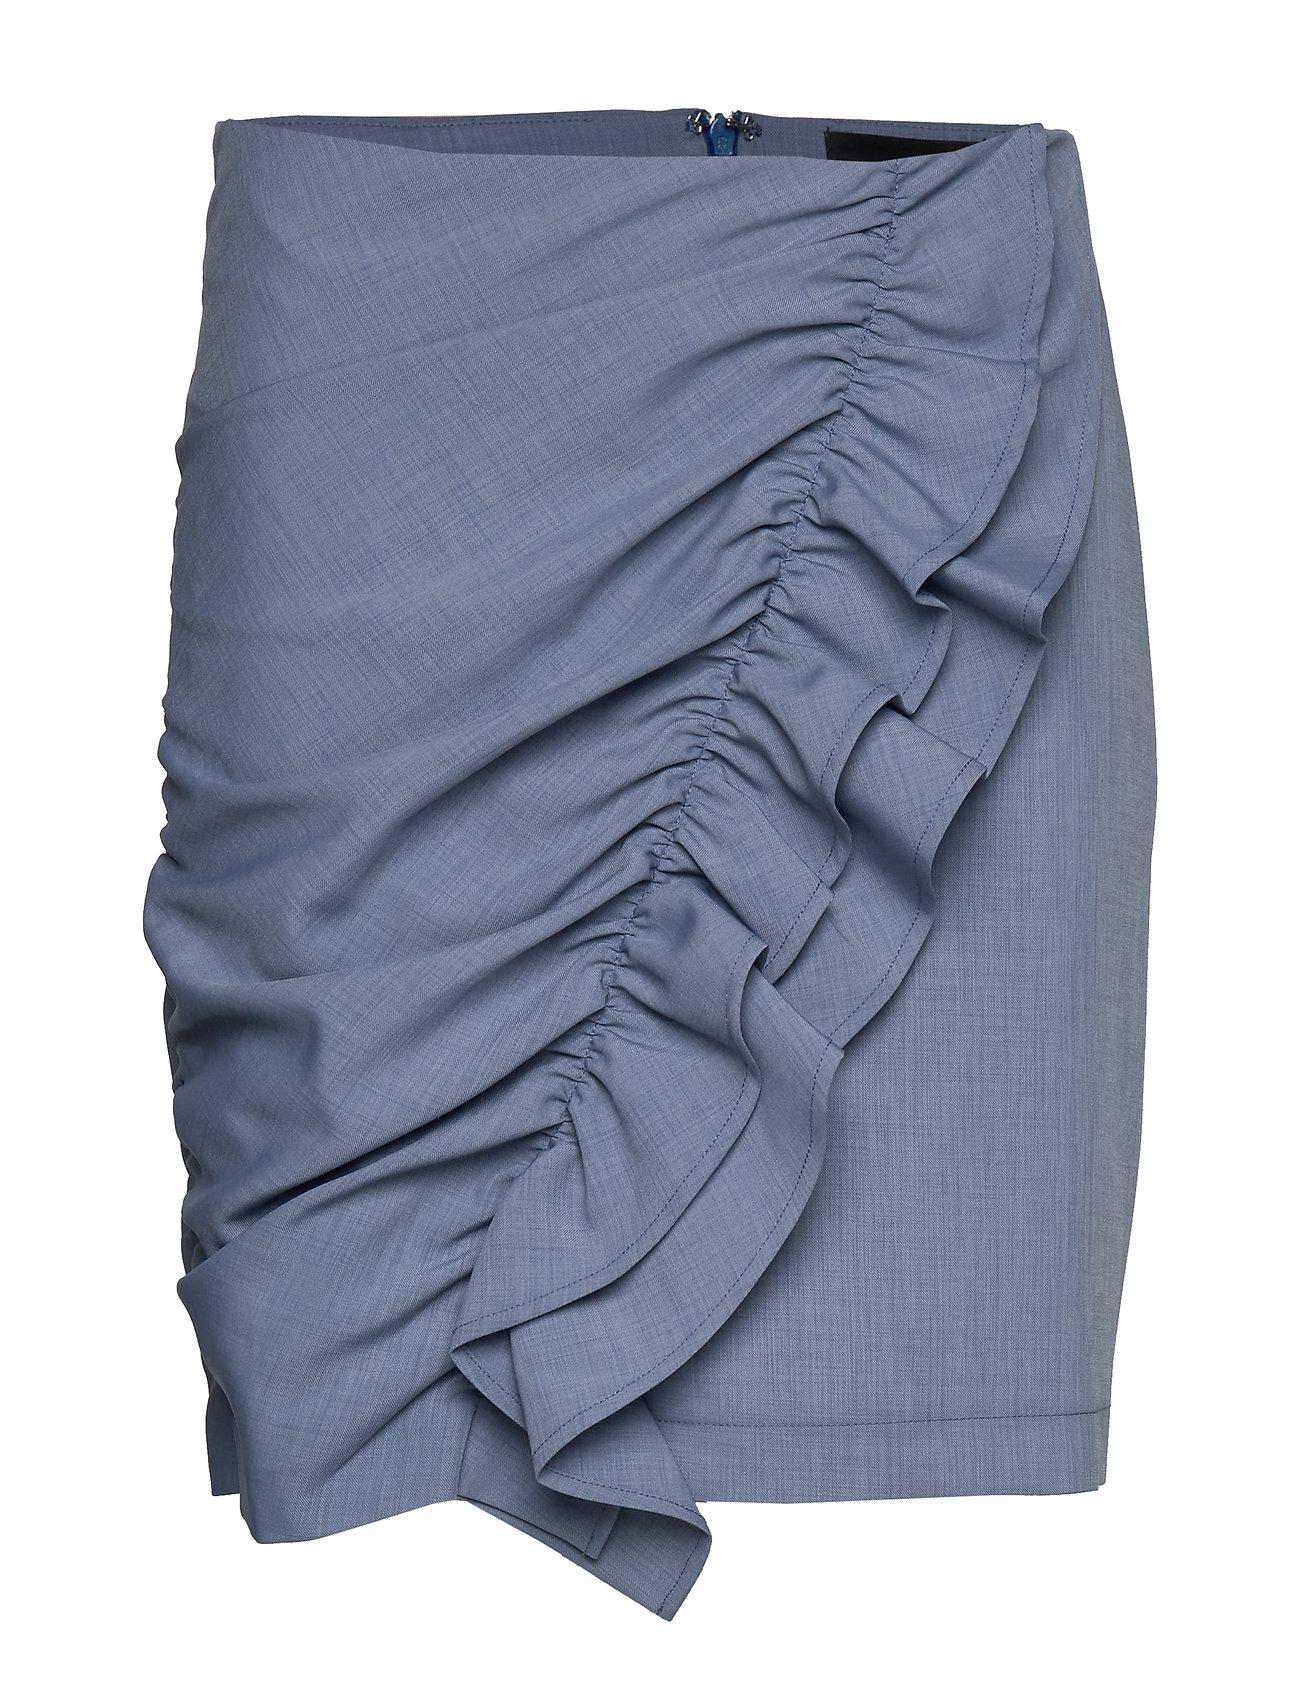 Birgitte Herskind Balco Skirt - THUNDER BLUE